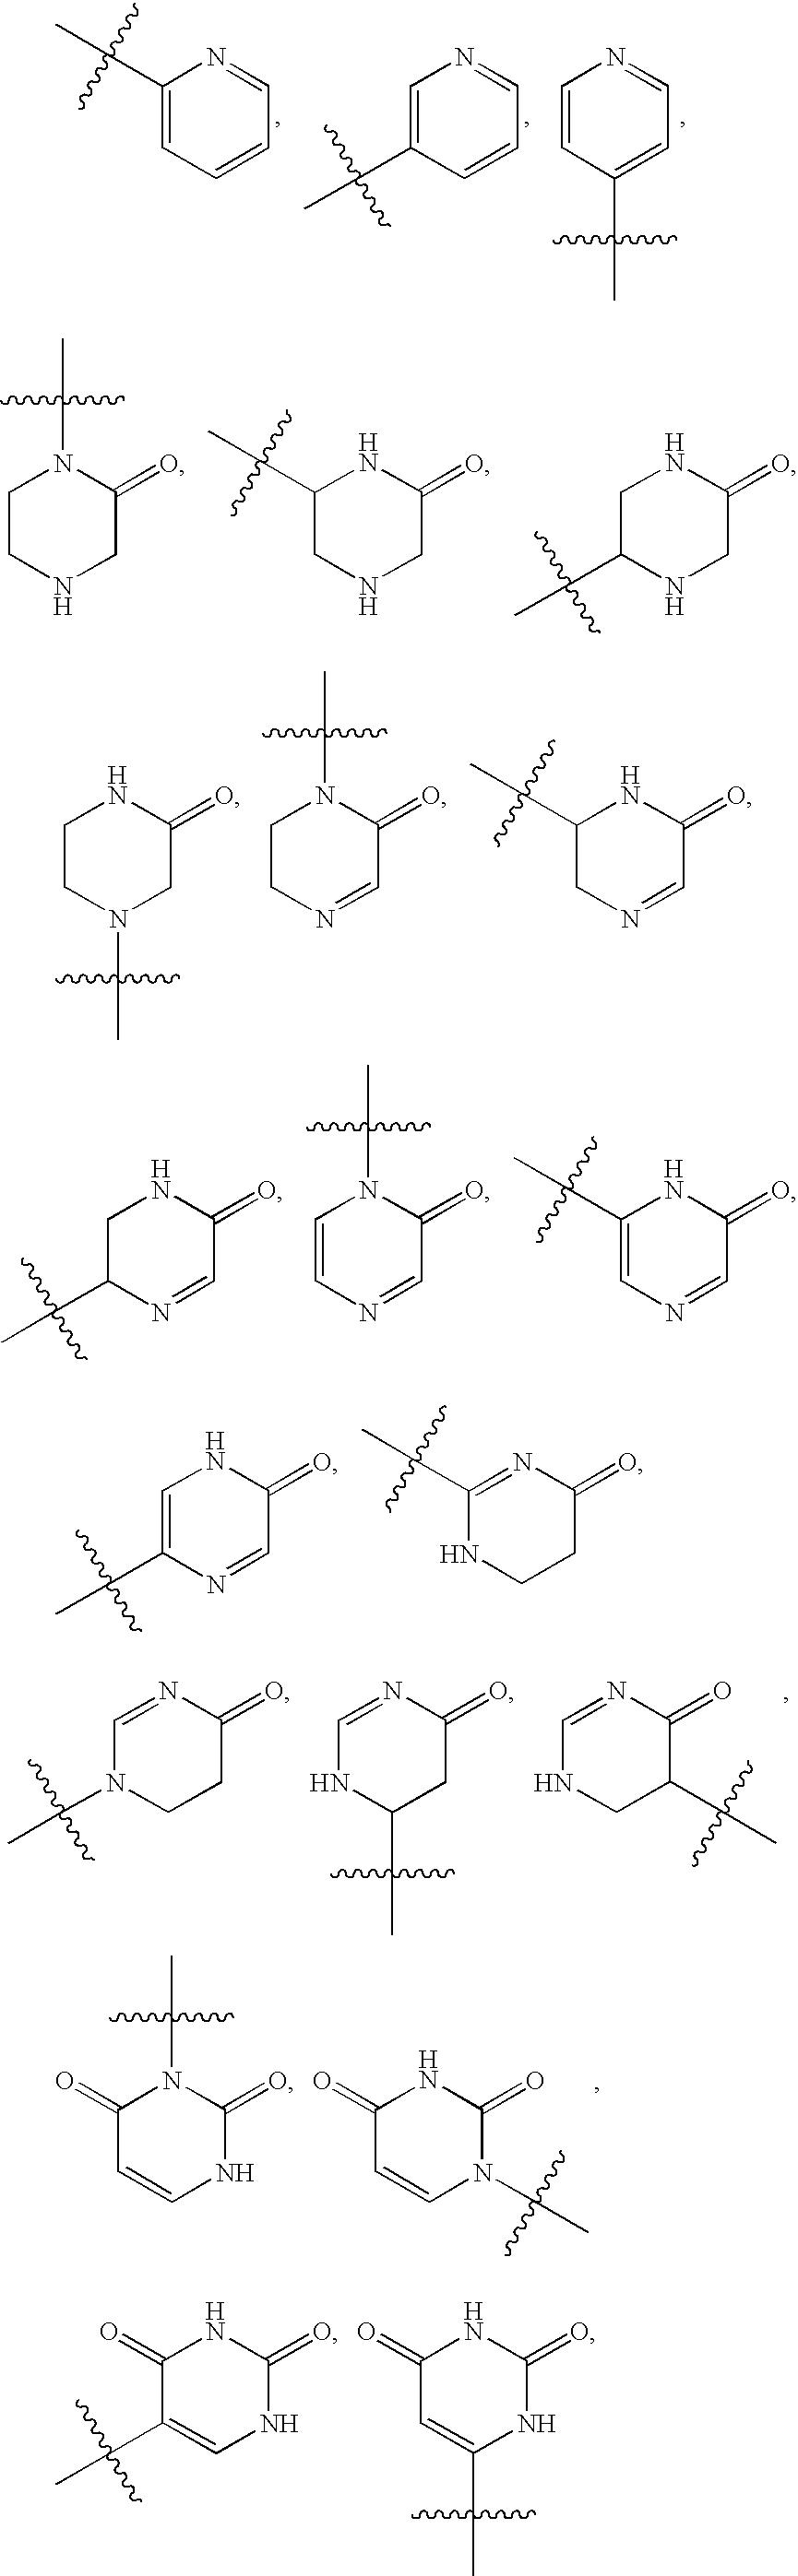 Figure US07935131-20110503-C00143